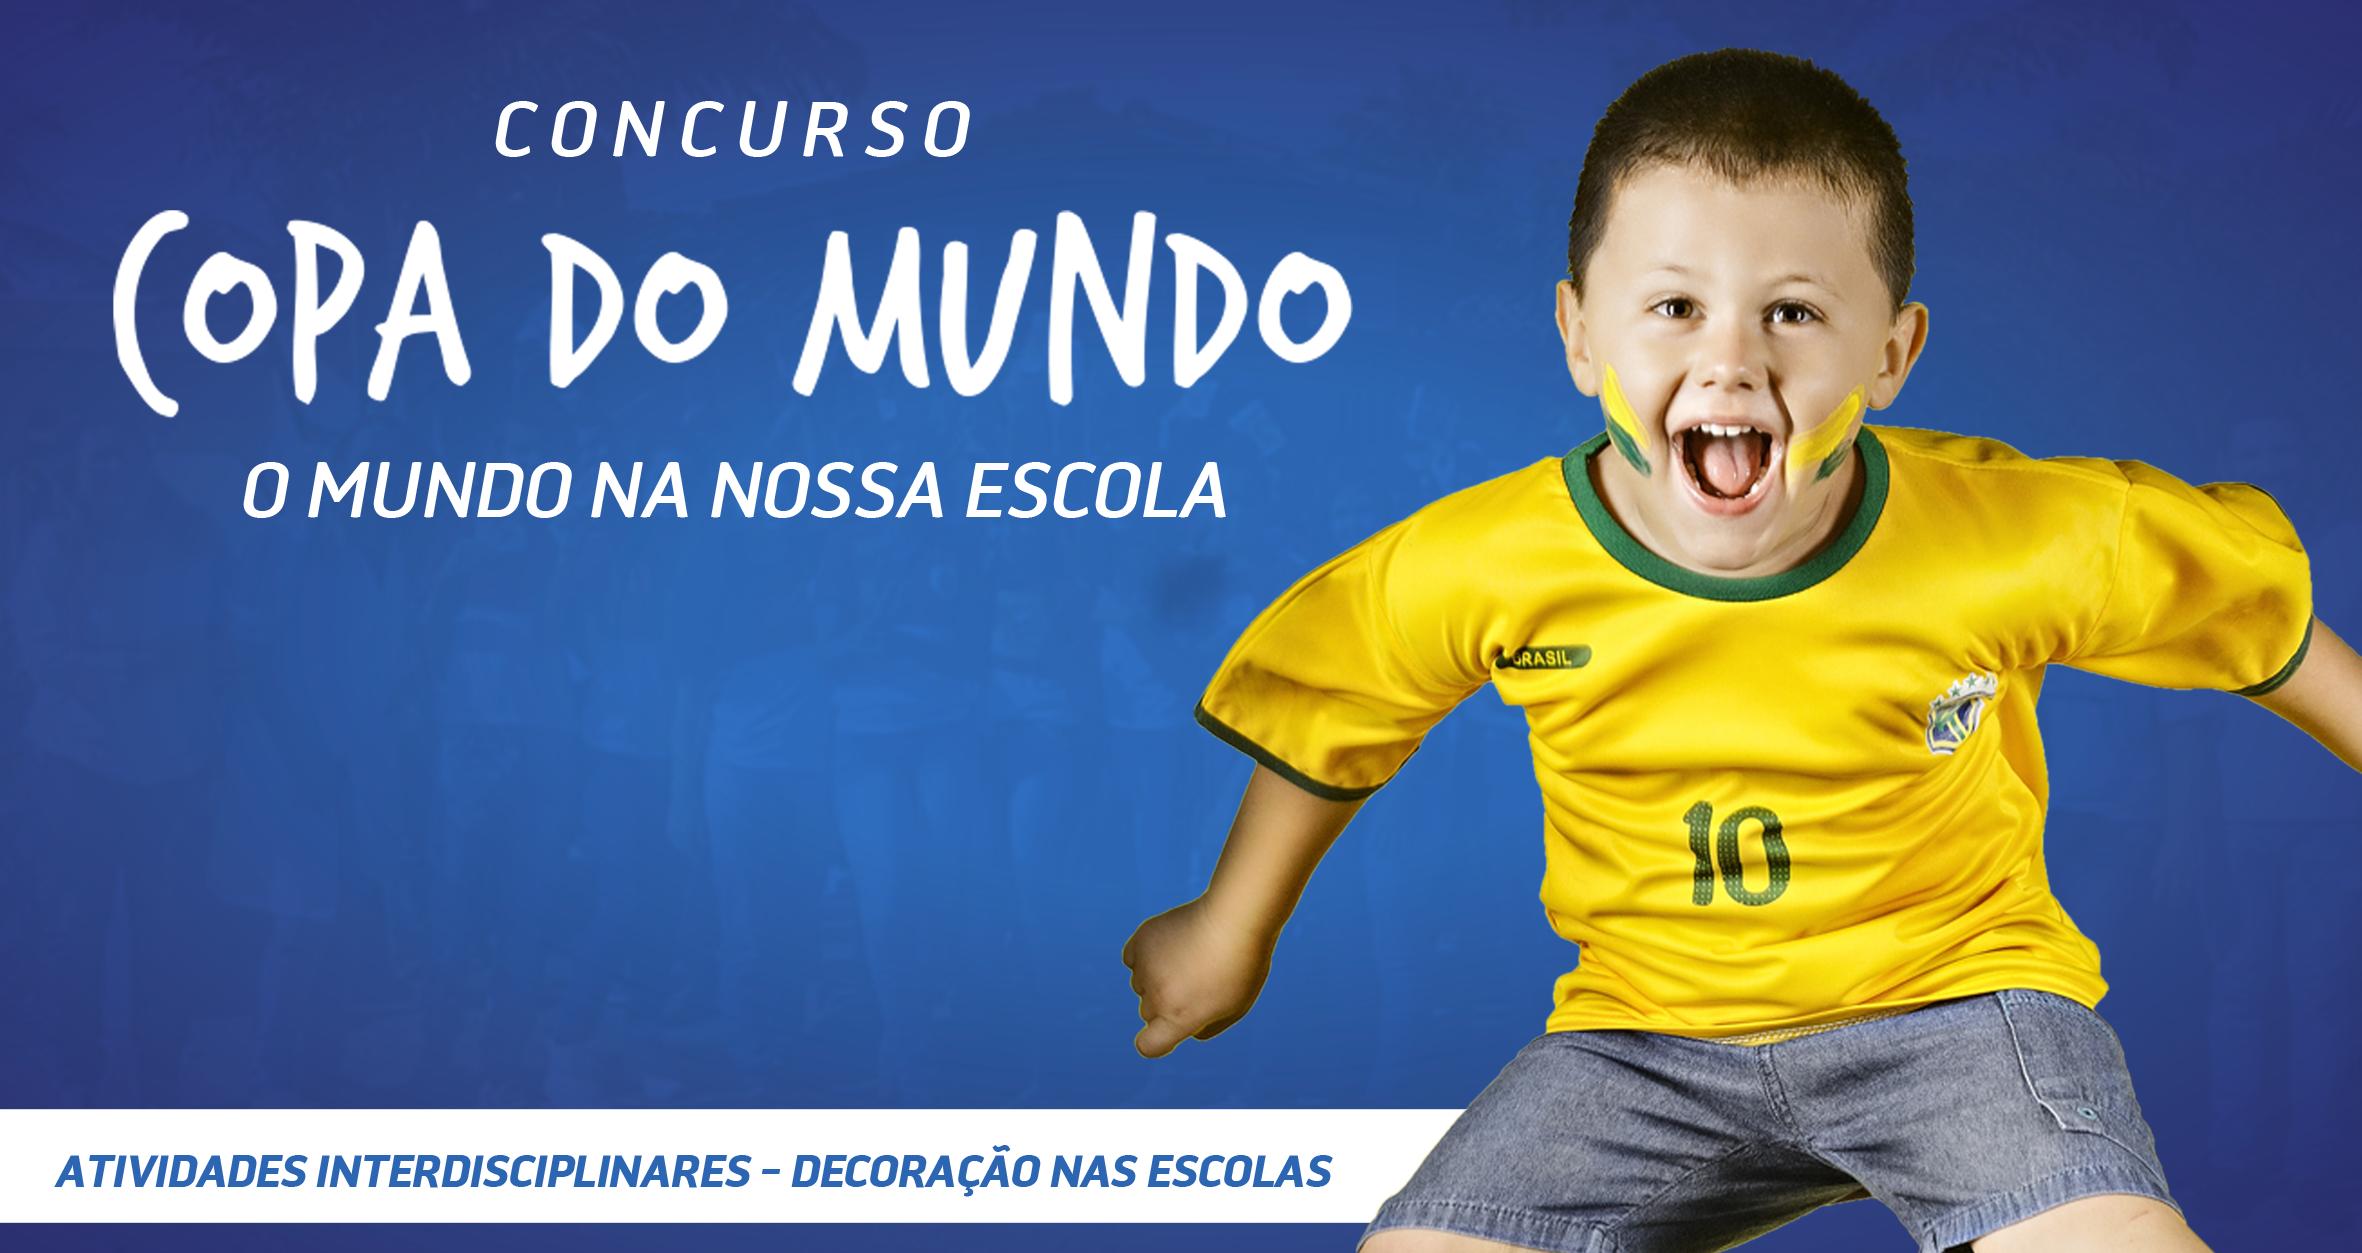 Escolas do município participam de concurso em alusão à Copa do Mundo 2018